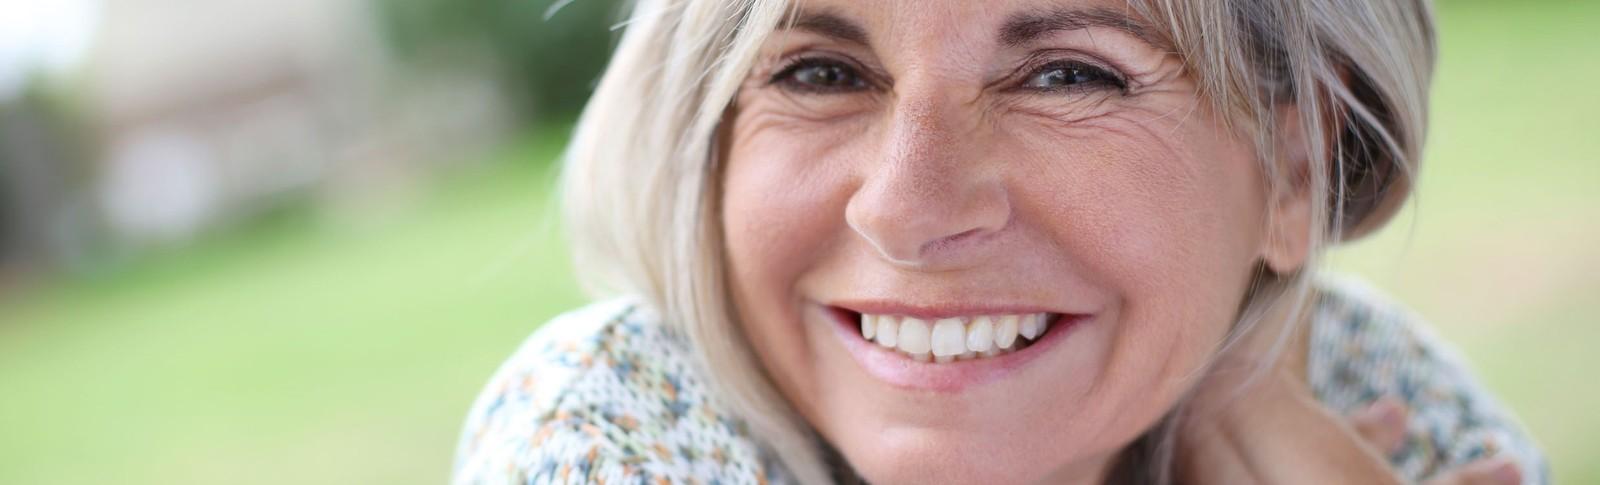 Frau lächelt wieder nach einer Faltenbehandlung  in den Moser Kliniken